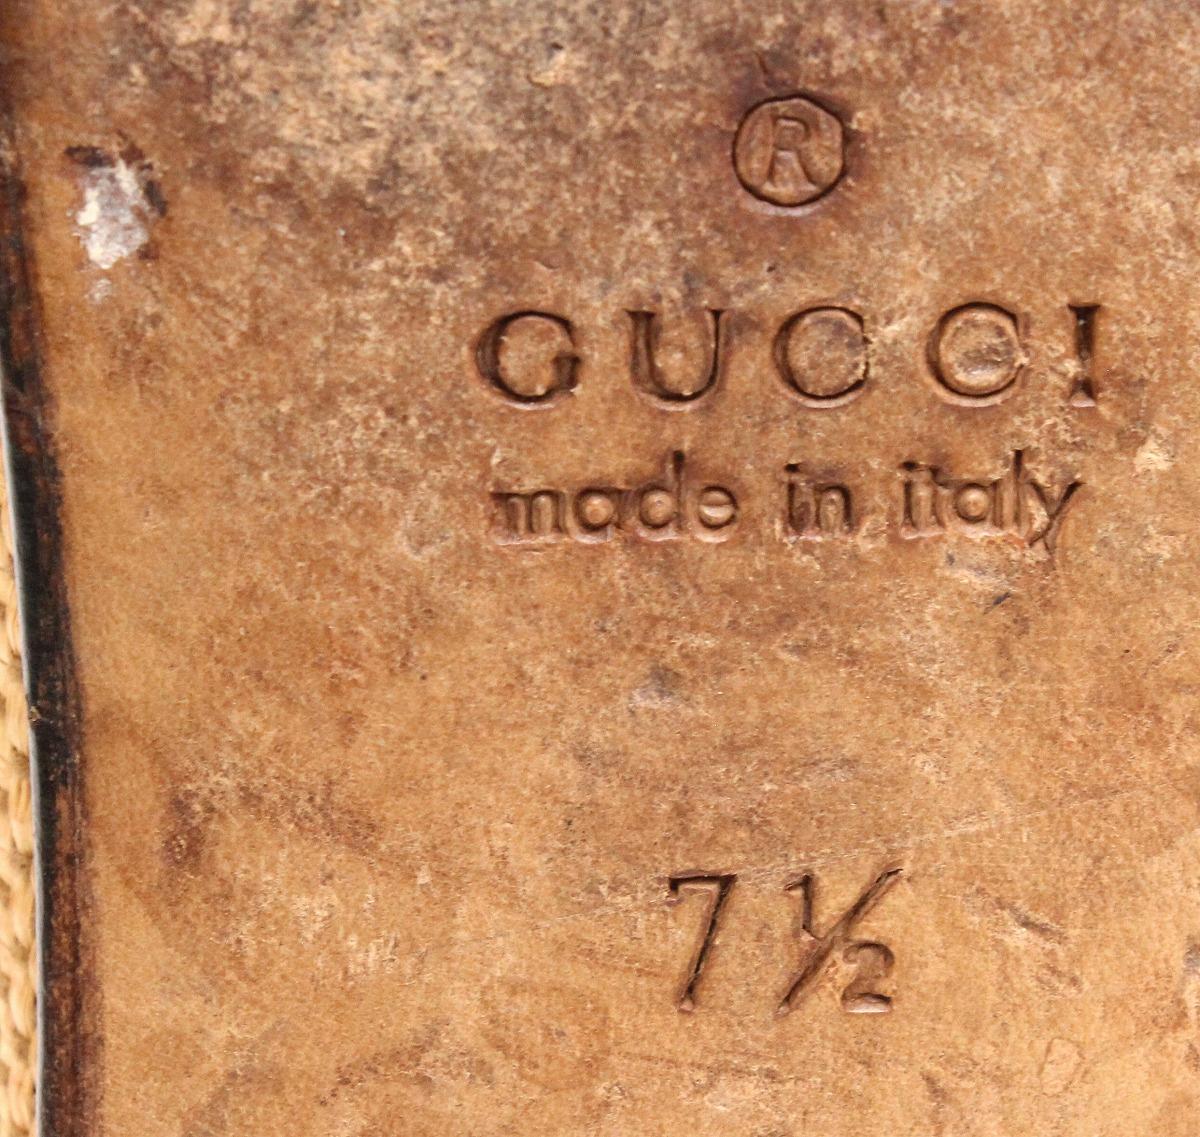 靴 GUCCI グッチ ホースビット ローファー スリッポン モカシン レザー スワロー ブラウン 茶 ベージュ ゴールド金具 メンズ サイズ 7 1 2 25 5cmkkXO8nwNP0Z